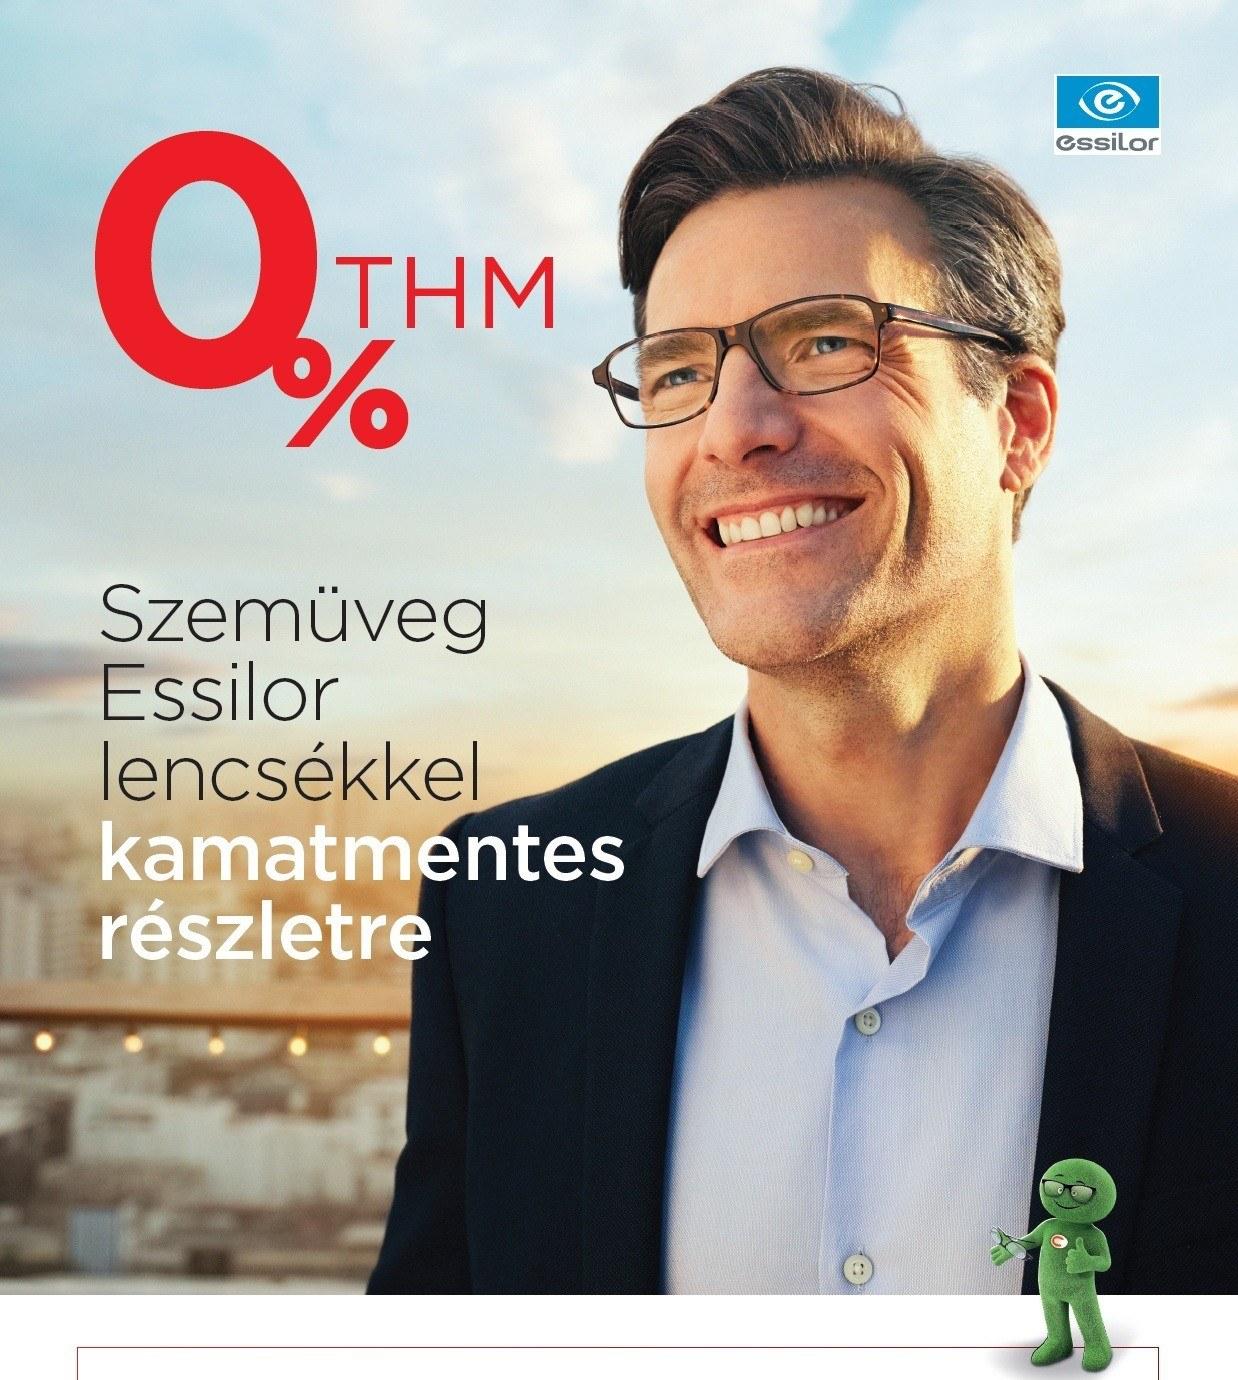 0 százalékos szemüveghitel 6-10 hónapos futamidőre - Style Optika Budapest